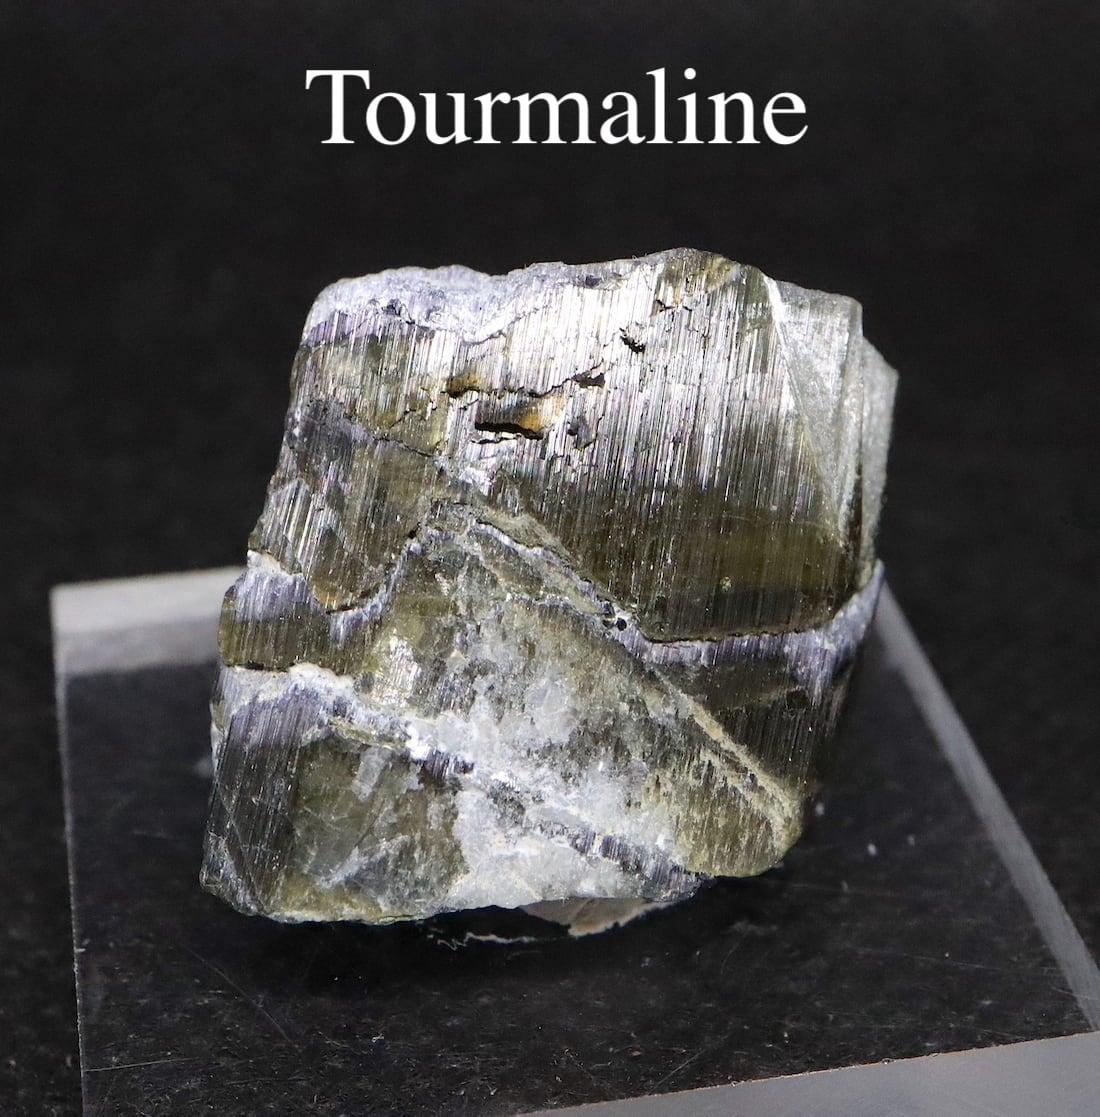 グリーントルマリン 電気石 カリフォルニア産 14g T191  鉱物 天然石 原石 パワーストーン